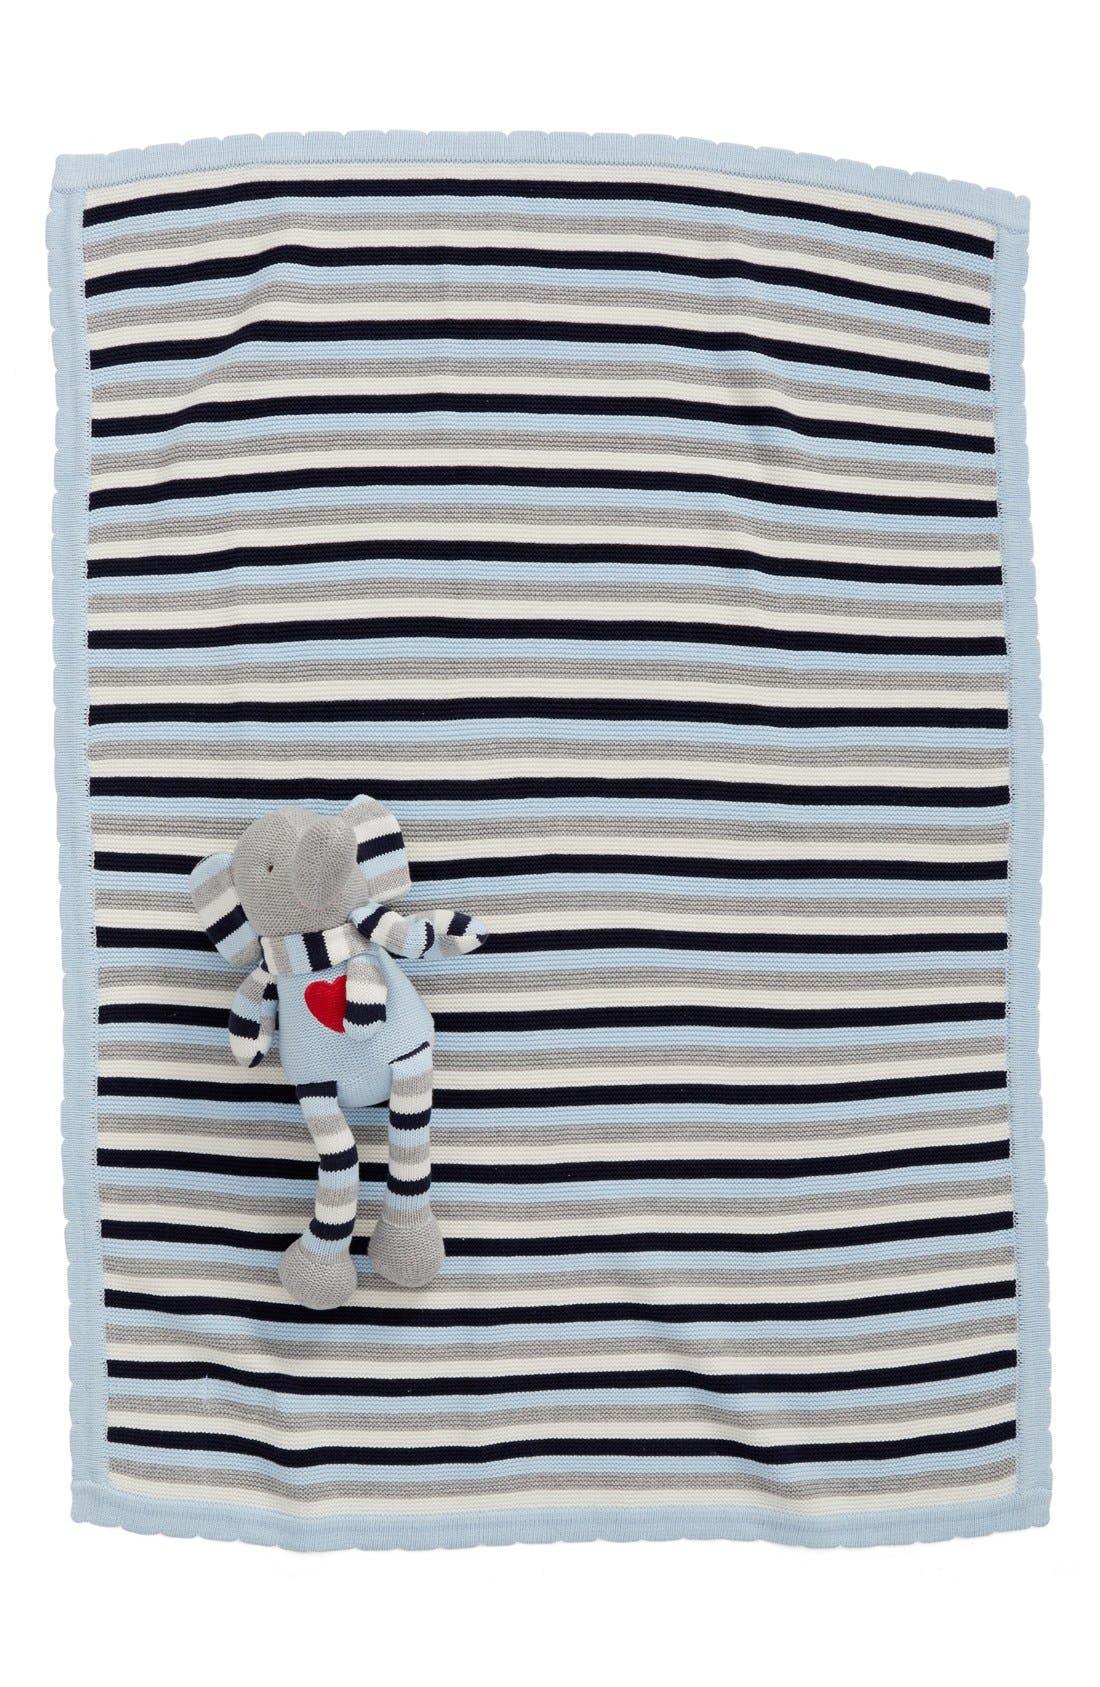 Alternate Image 2  - Elegant Baby 'Knitty Bitty' Plush Knit Elephant Toy & Blanket